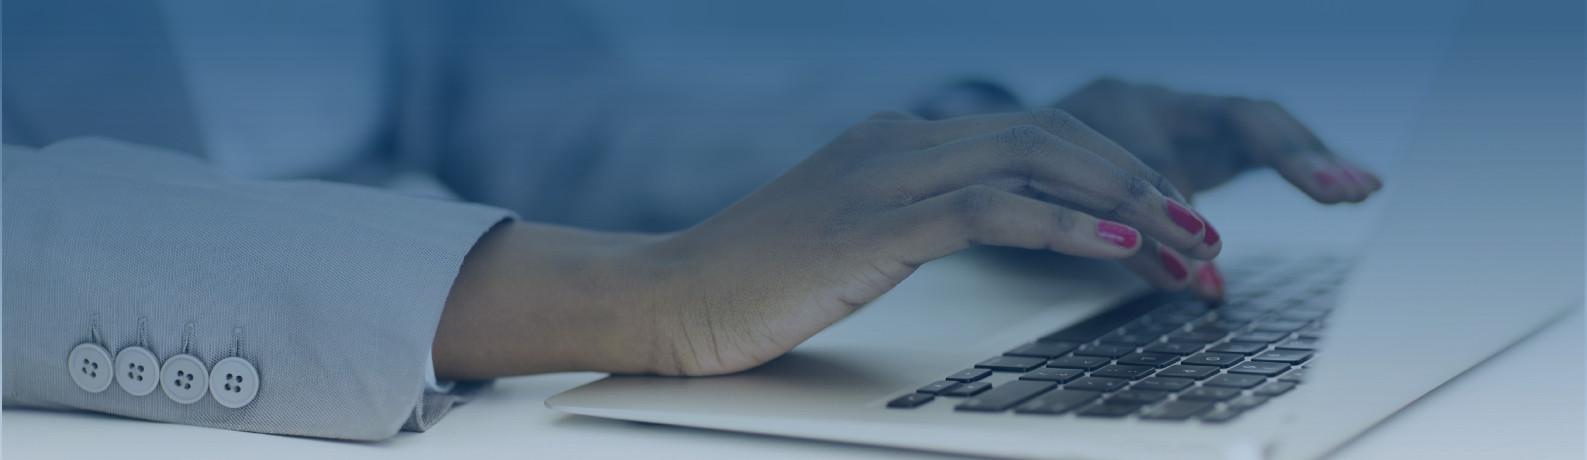 http://serpro.gov.br/menu/contato/cliente/duvidas-mais-frequentes/rais/rais